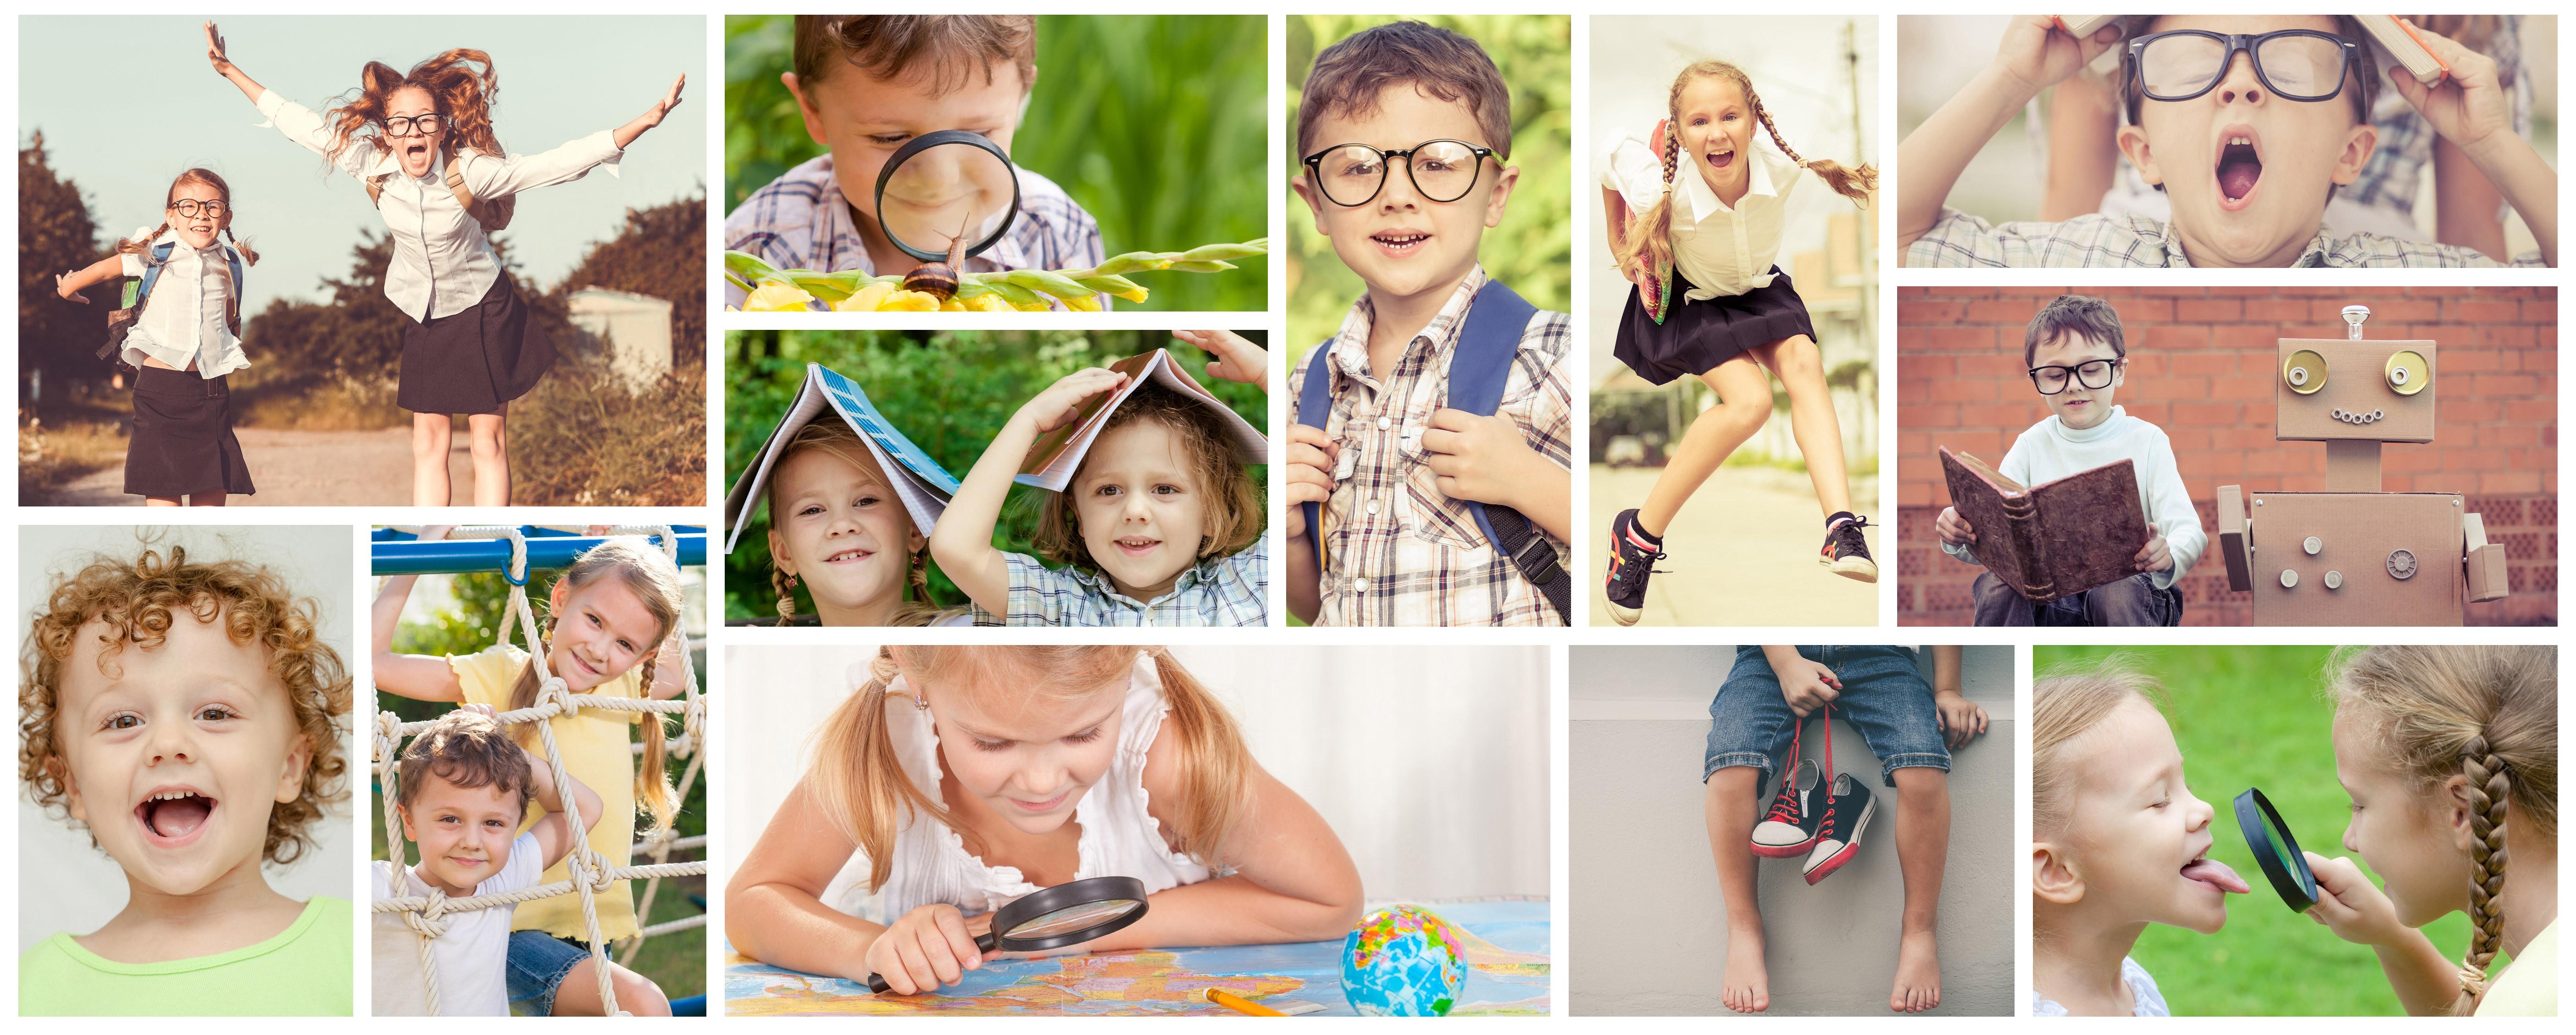 Sådan lærer børn STEM-begreber gennem leg